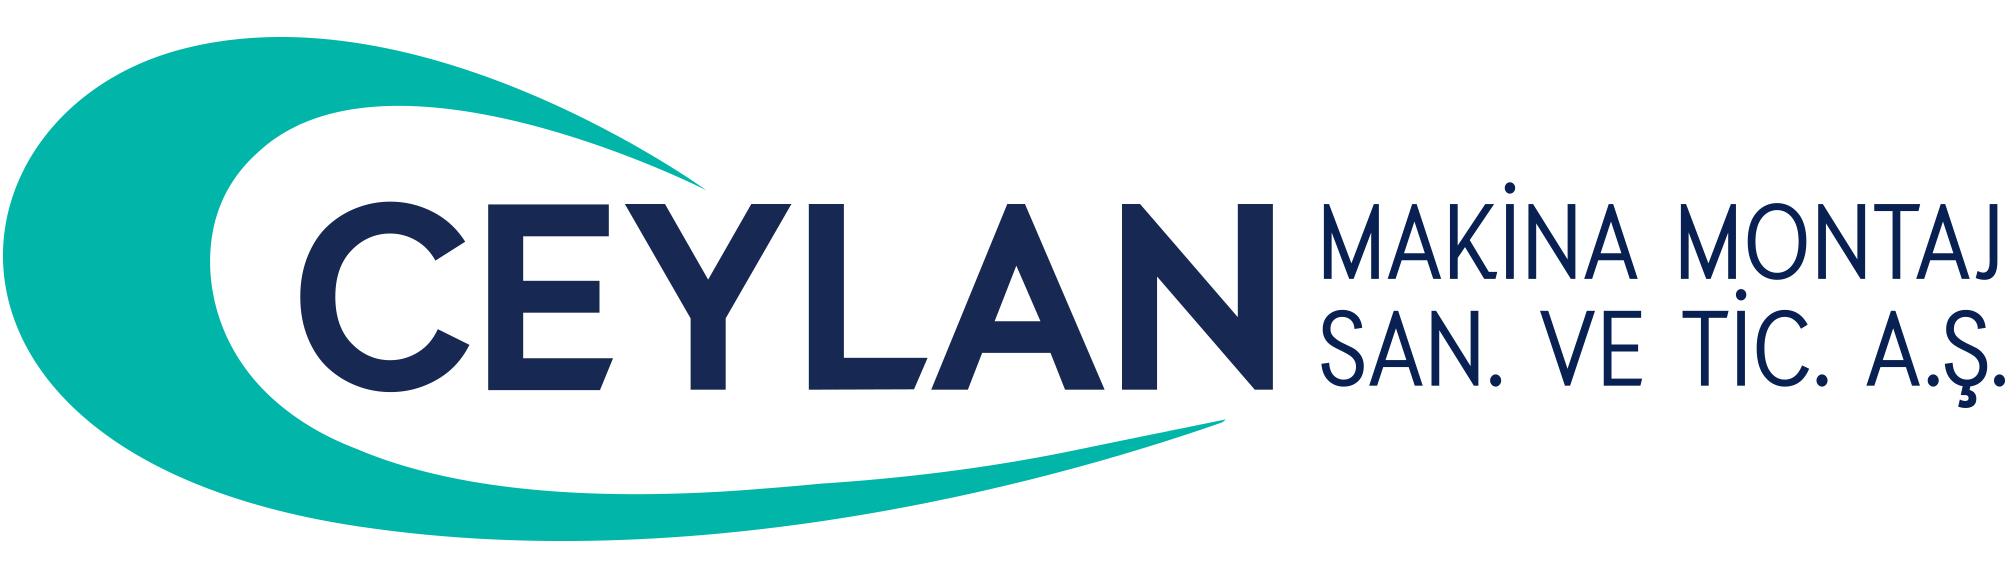 Ceylan Makina – Ceylan Machinery